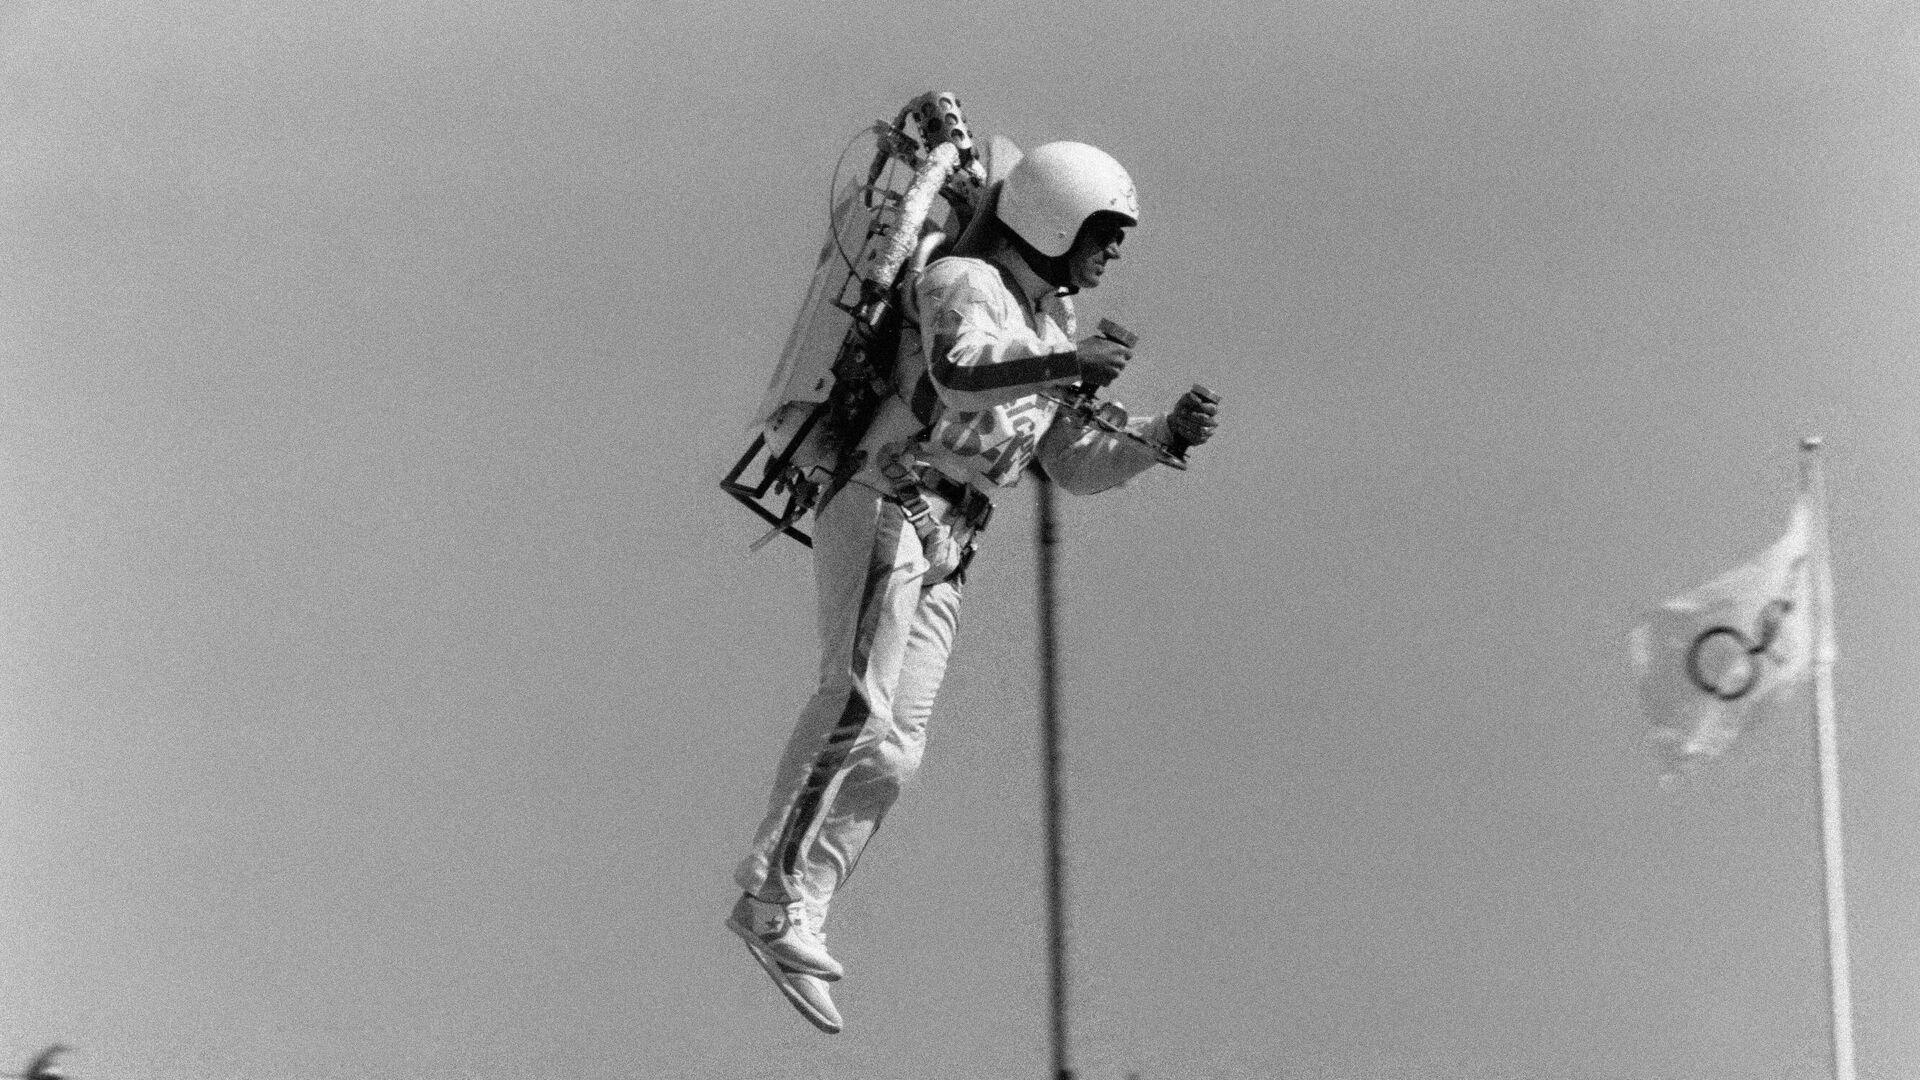 Джетмен на церемонии открытия Олимпийских Игр 1984 года в Лос-Анджелесе - РИА Новости, 1920, 20.07.2021